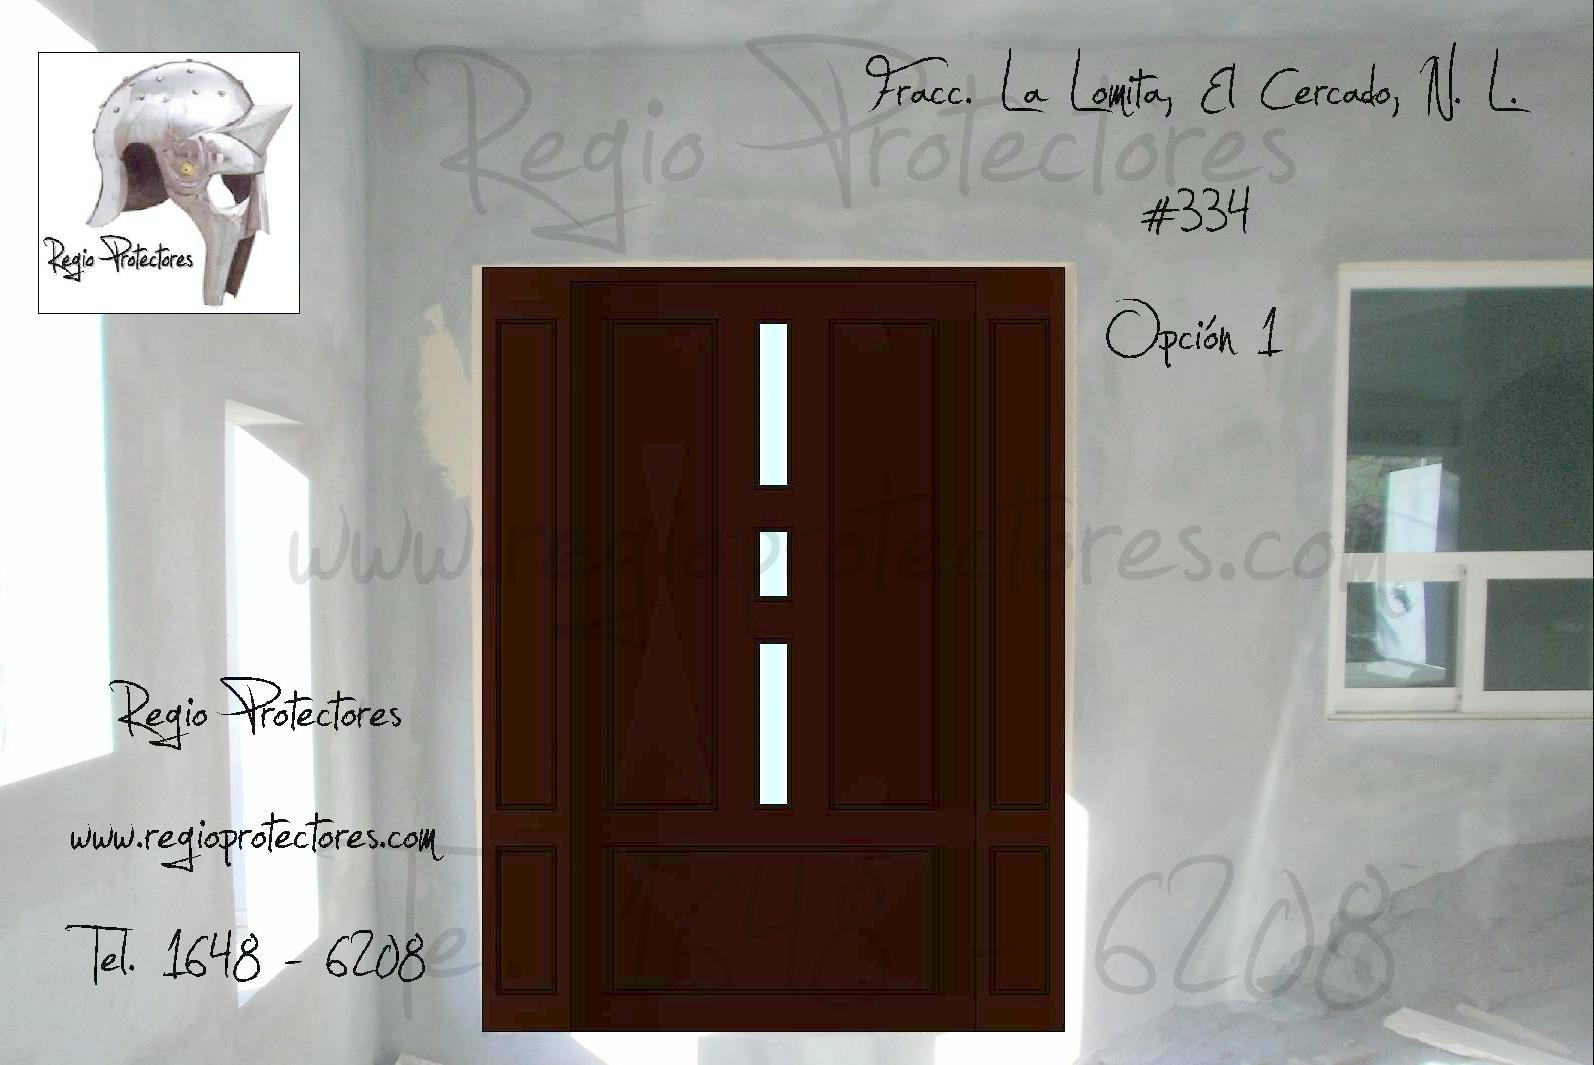 puerta principal modelo regina el cercado opciones y